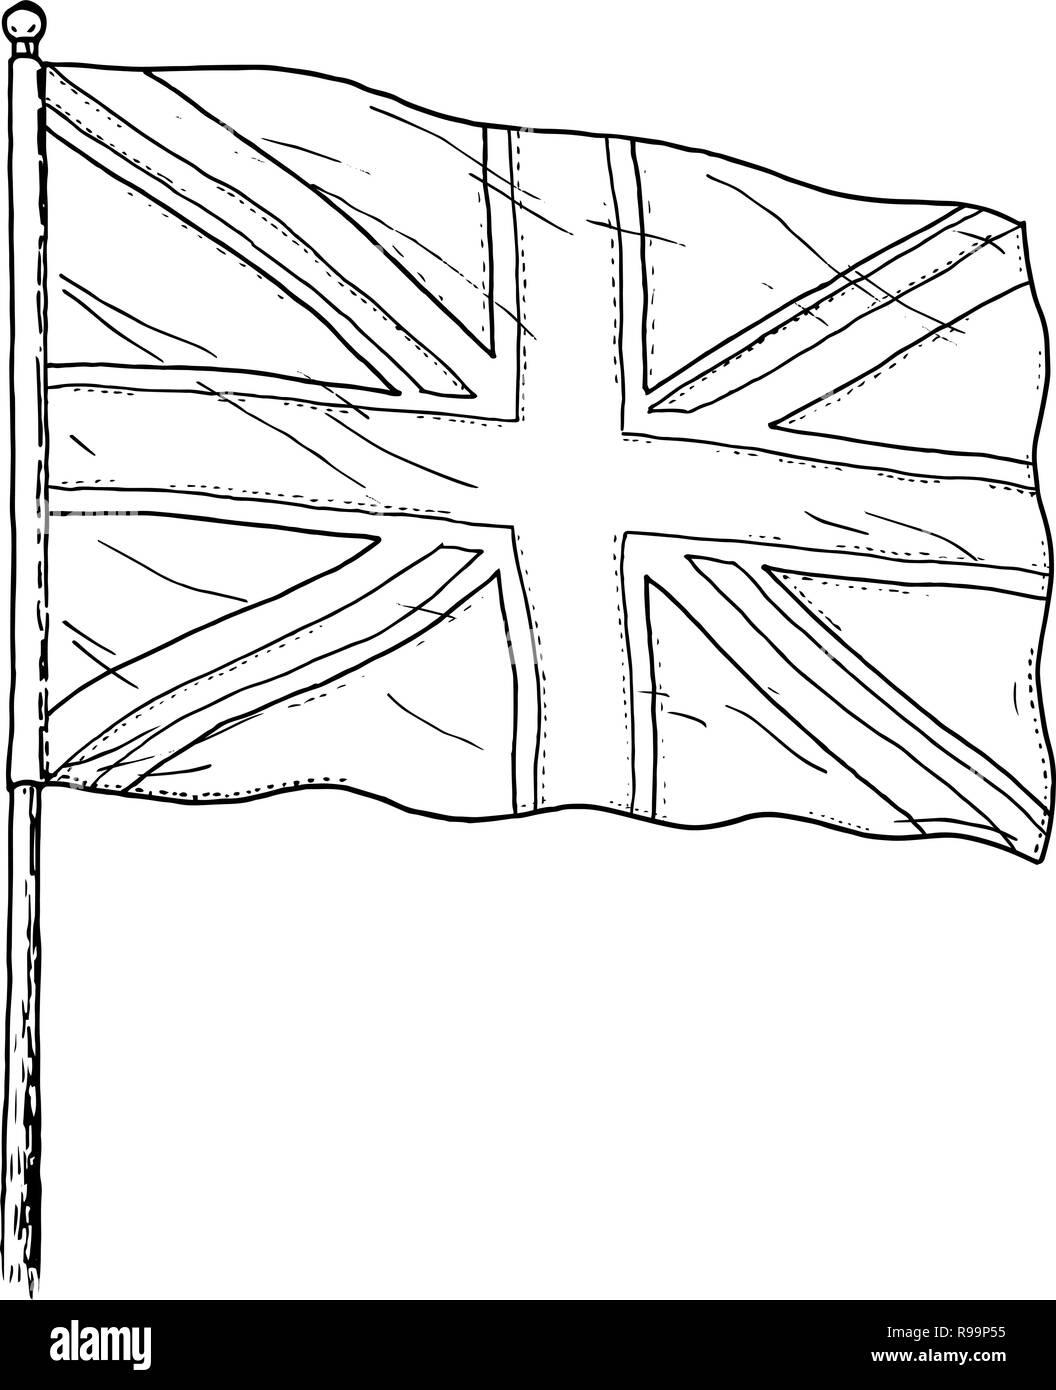 Bandera Del Reino Unido Dibujo Vintage Como Ilustración En Blanco